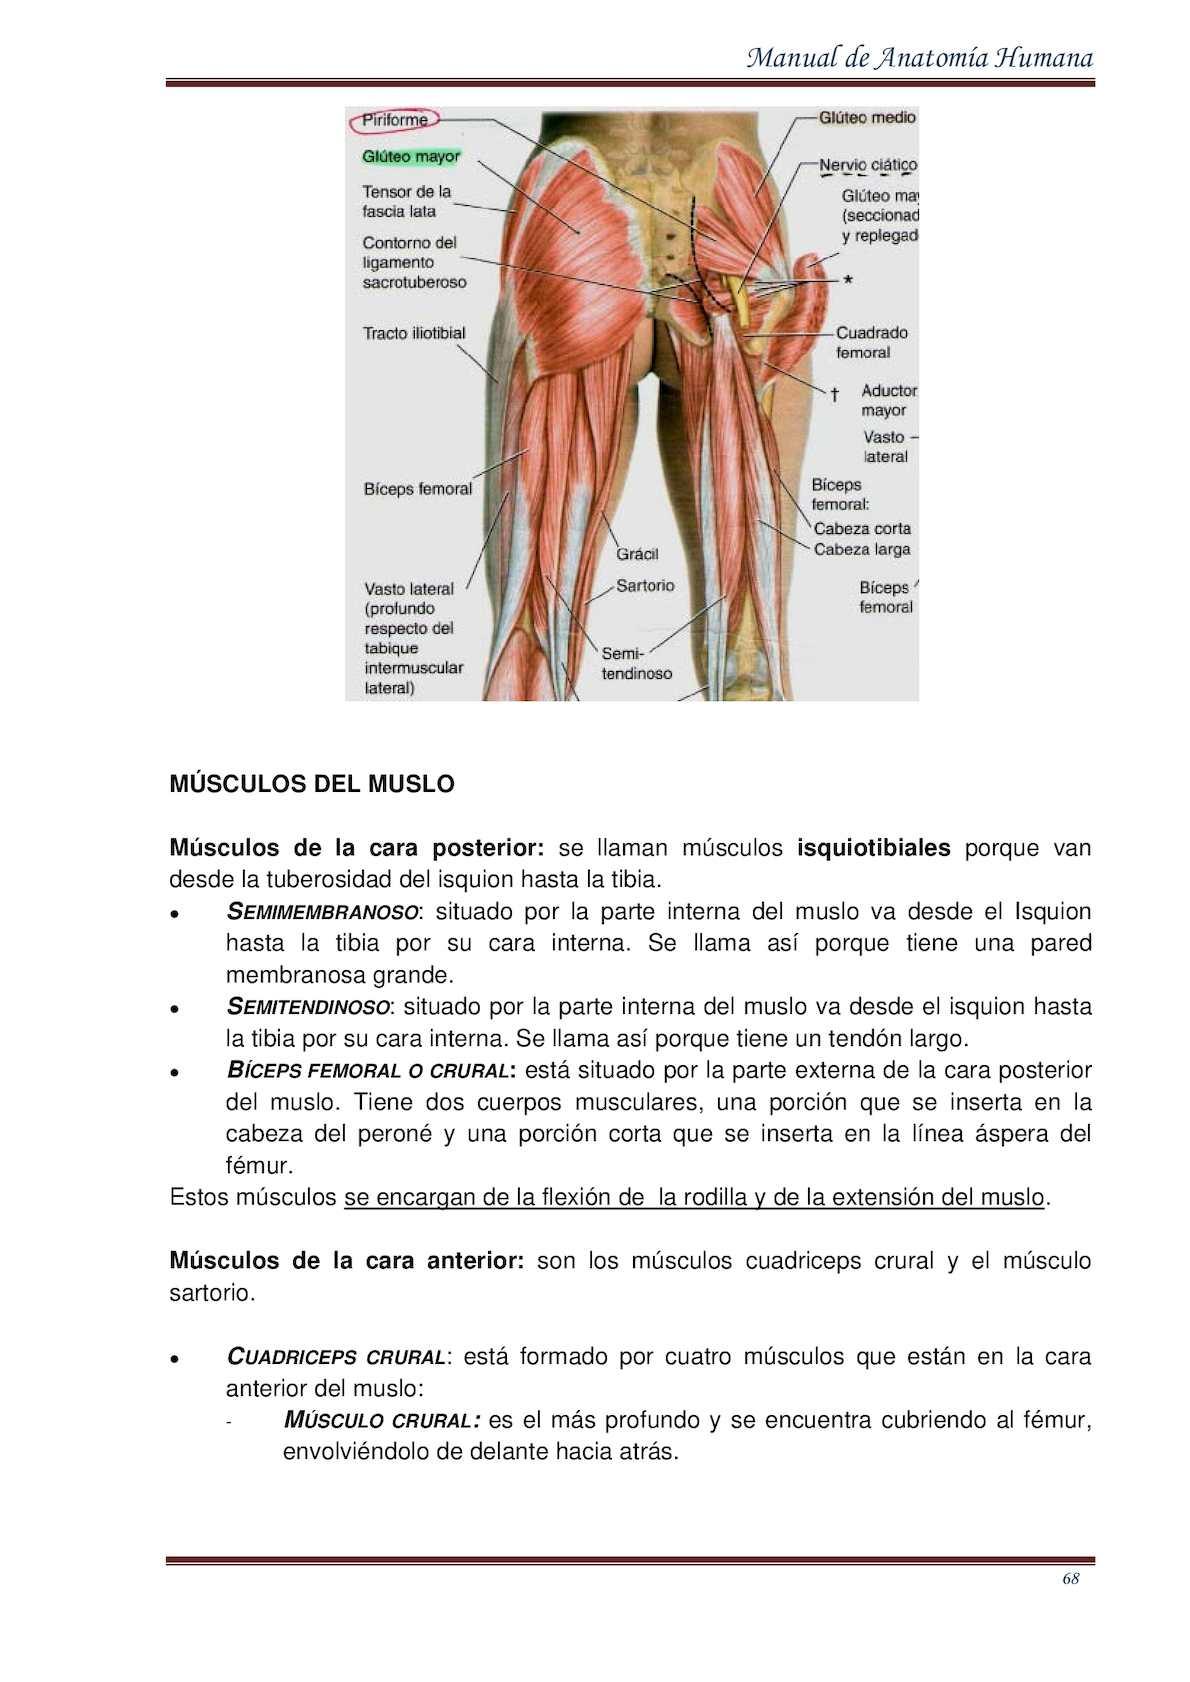 Asombroso Anatomía Saco Dural Imágenes - Anatomía de Las Imágenesdel ...